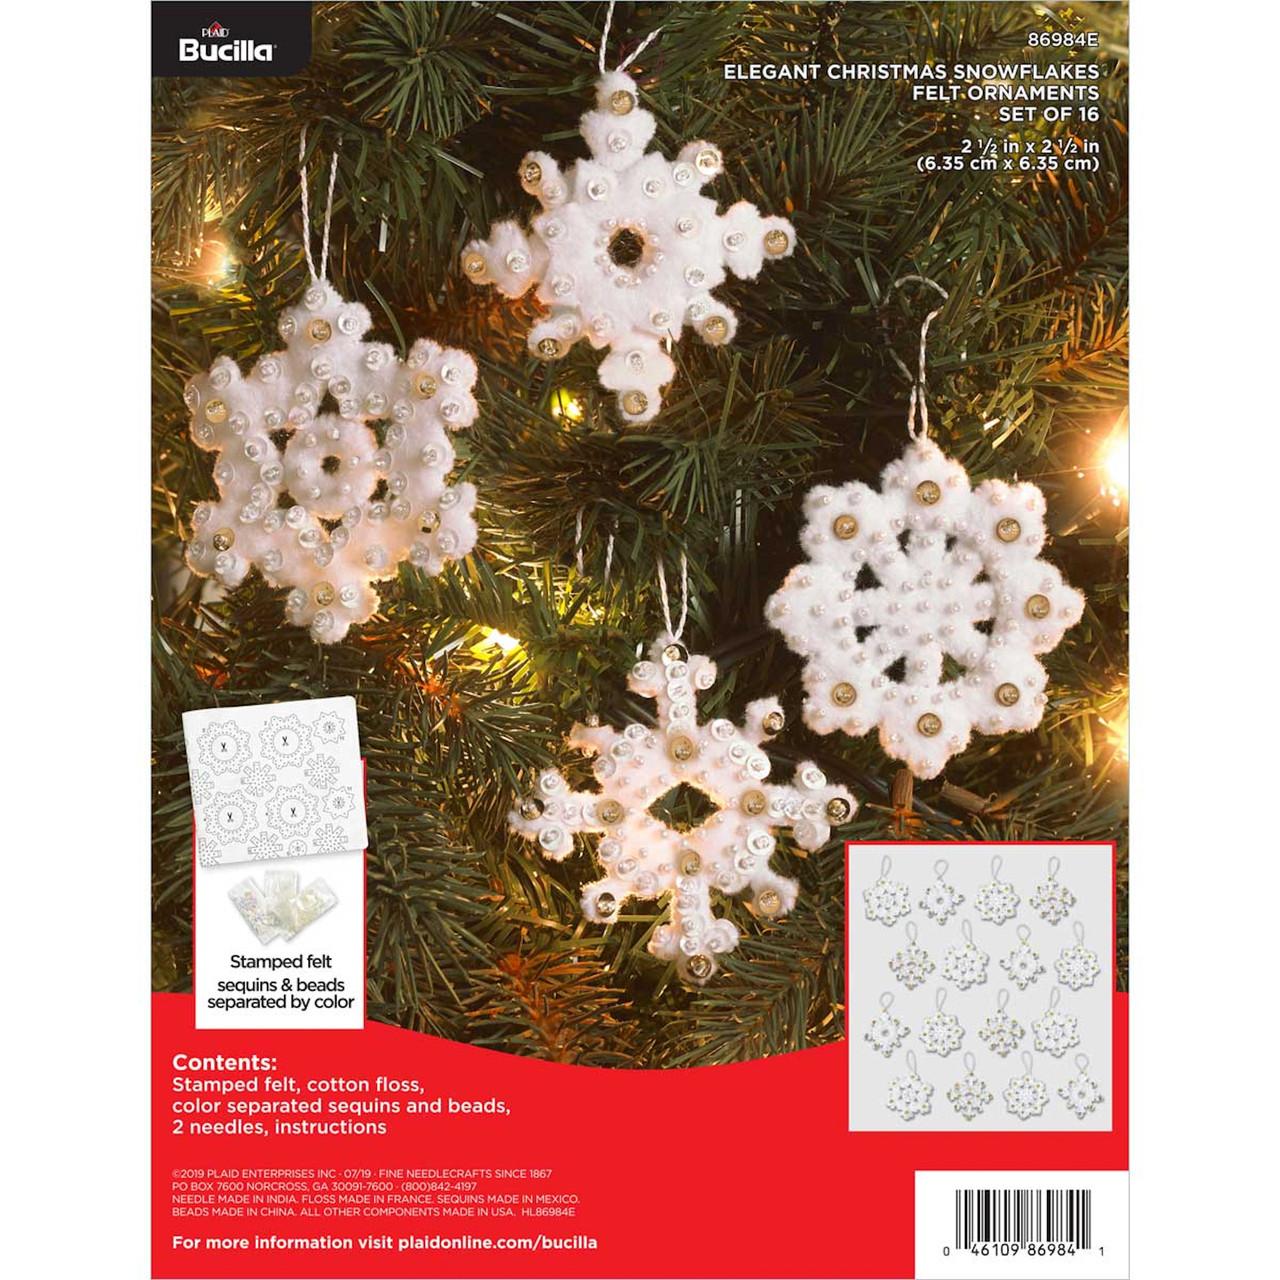 Plaid / Bucilla -  Elegant Christmas Snowflake Ornaments